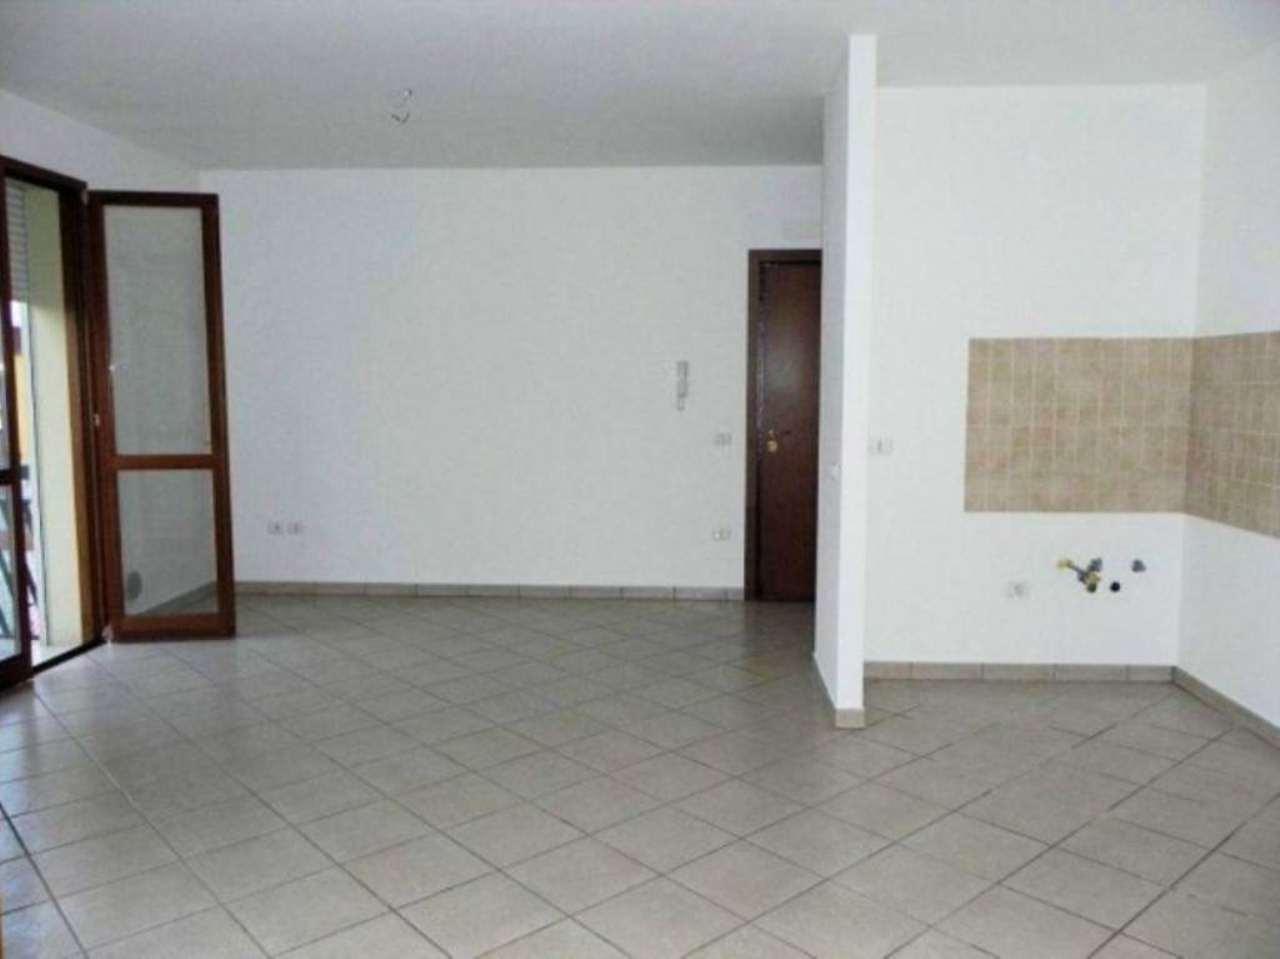 Appartamento in vendita a Forlimpopoli, 3 locali, prezzo € 192.000 | CambioCasa.it